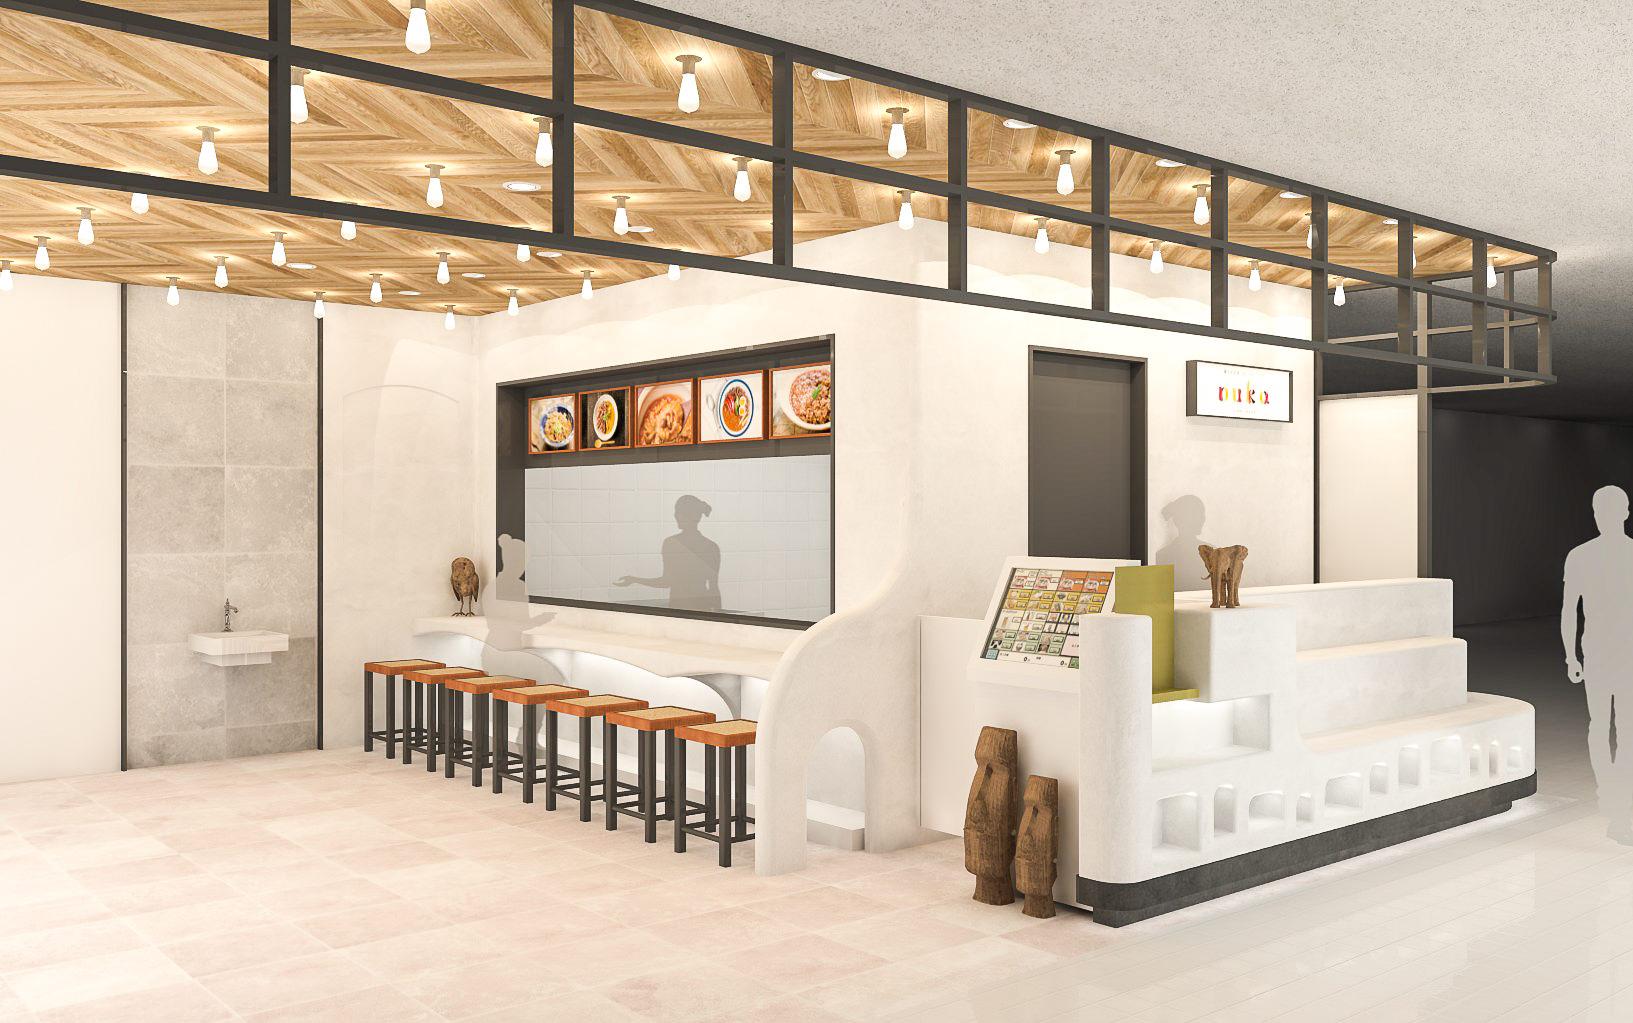 「寝かせ玄米とカレー&スパイスnuka」東急フードショーエッジ店